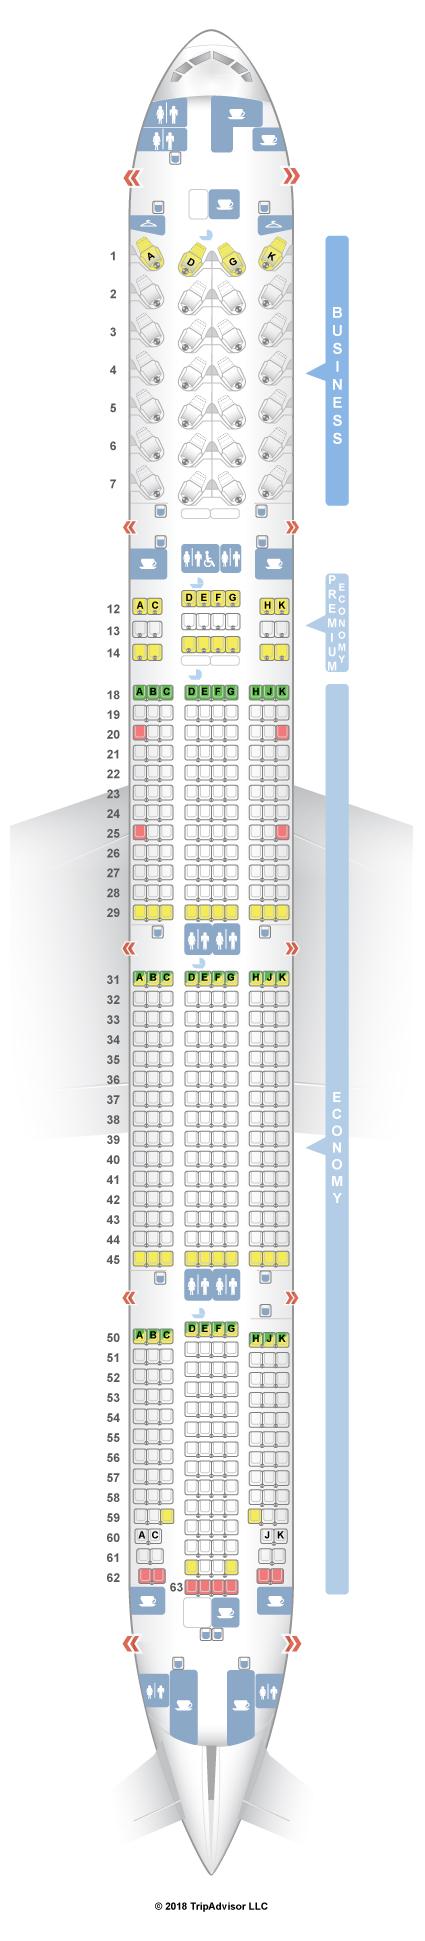 Air_Canada_Boeing_777-300ER_Three_Class_